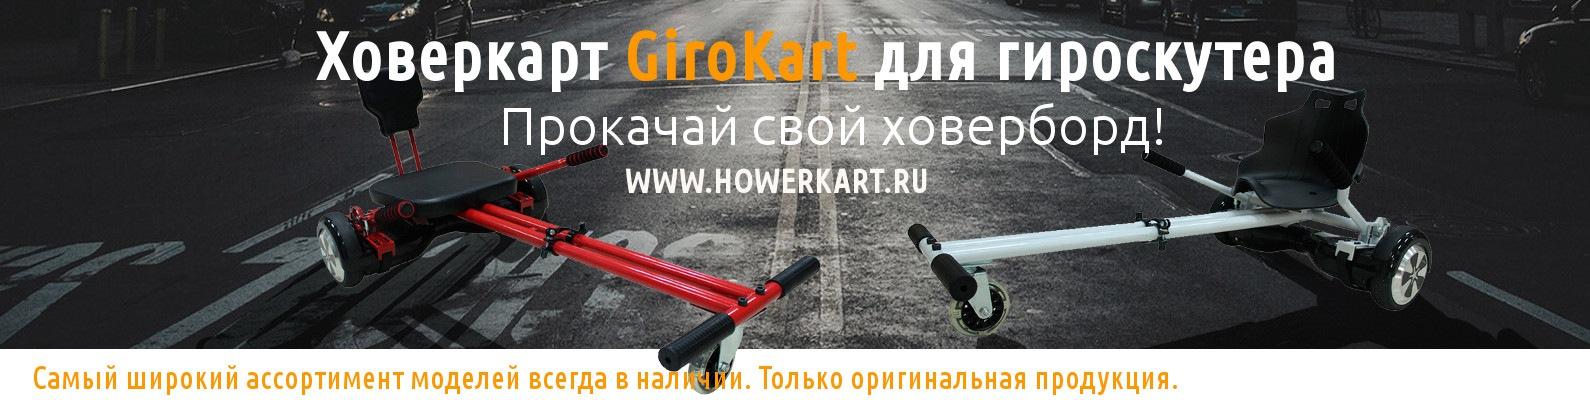 Обзор о гироскутерах